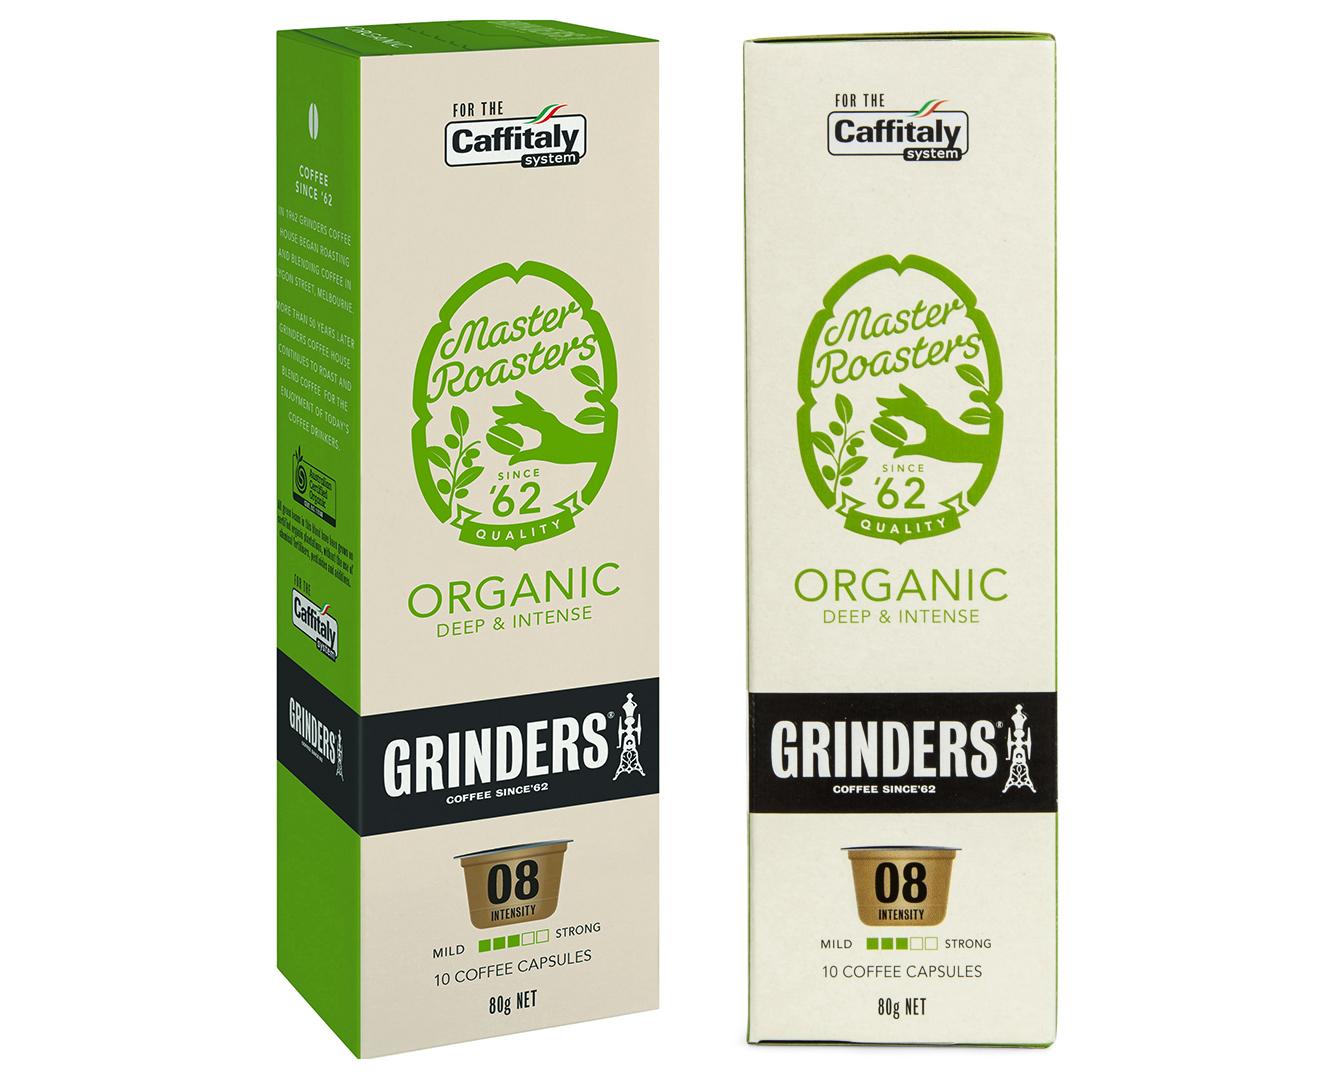 8 x Grinders Master Roasters Organic Coffee Capsules 10pk 2